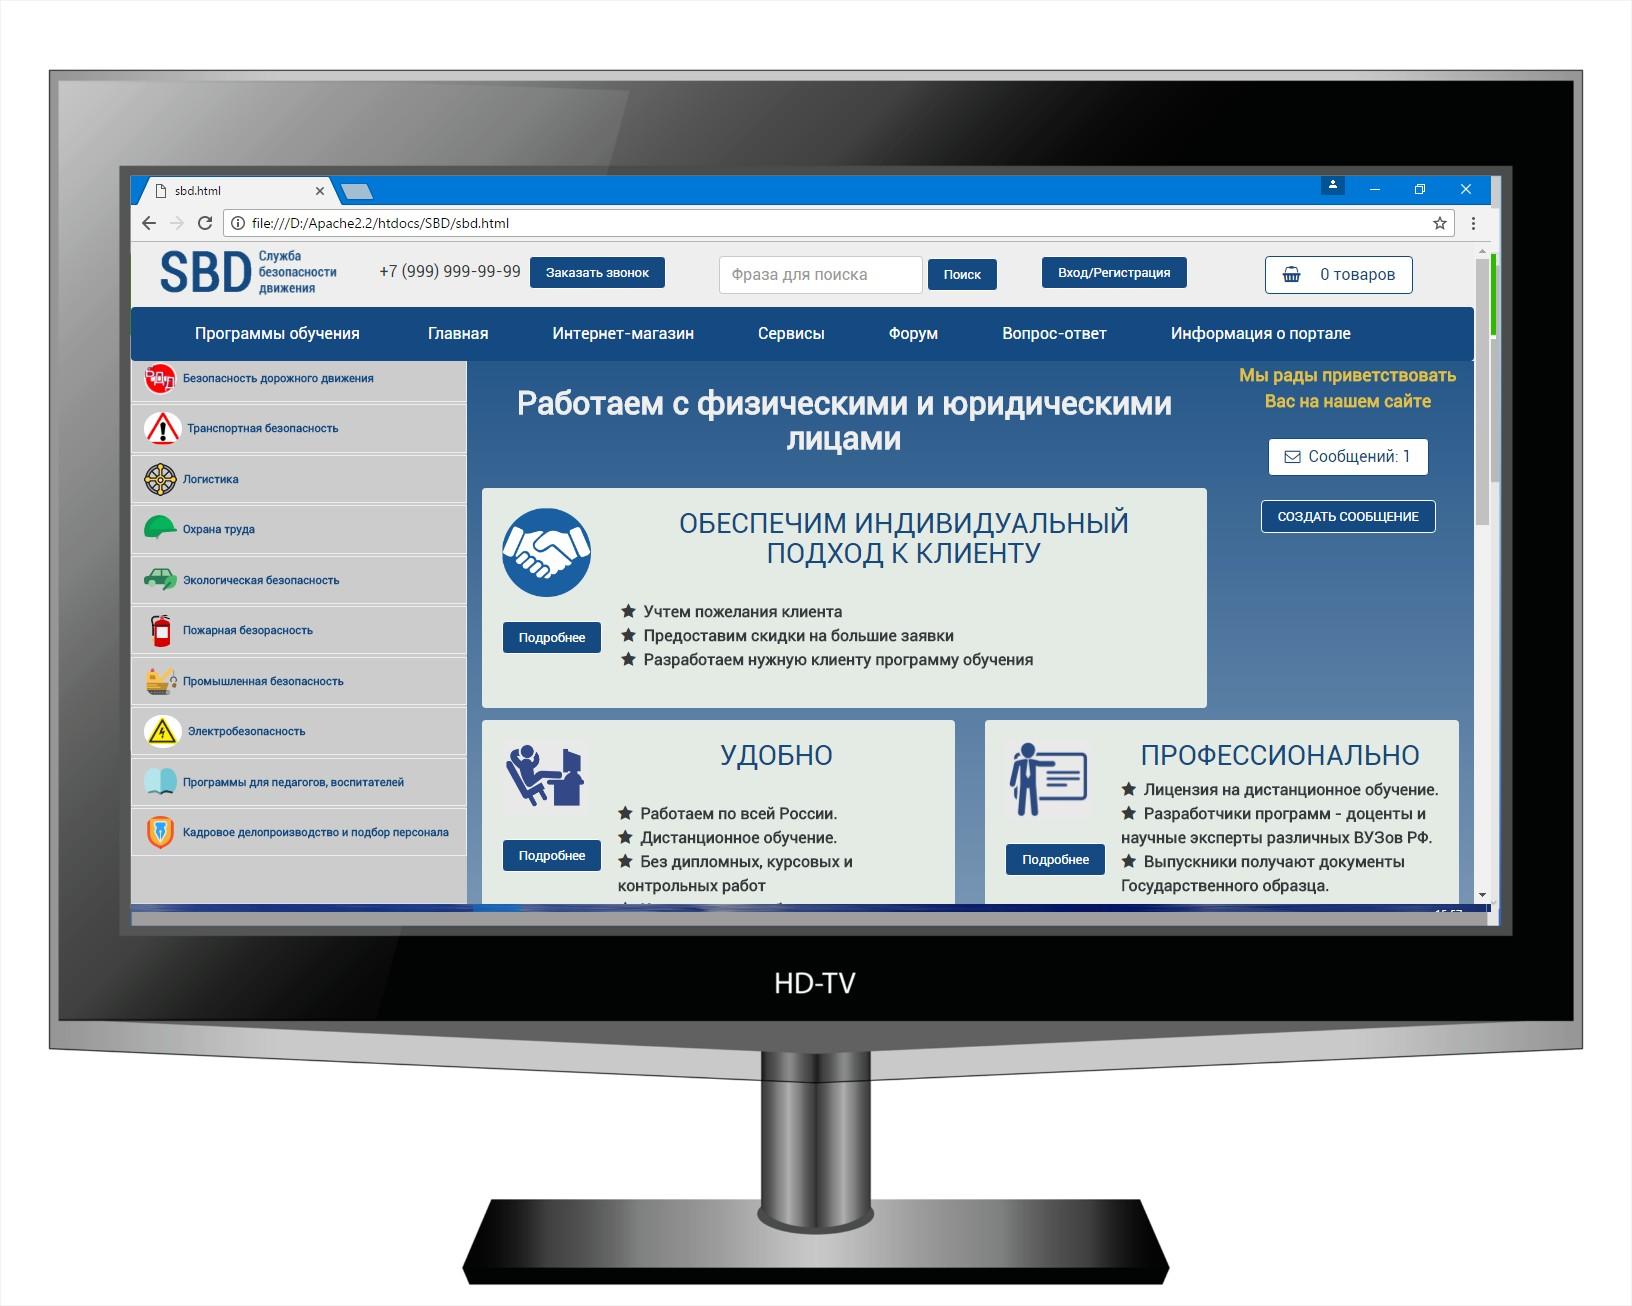 Требуется дизайн сайта занимающегося дистанционным обучением фото f_677588a28ff3399f.jpg